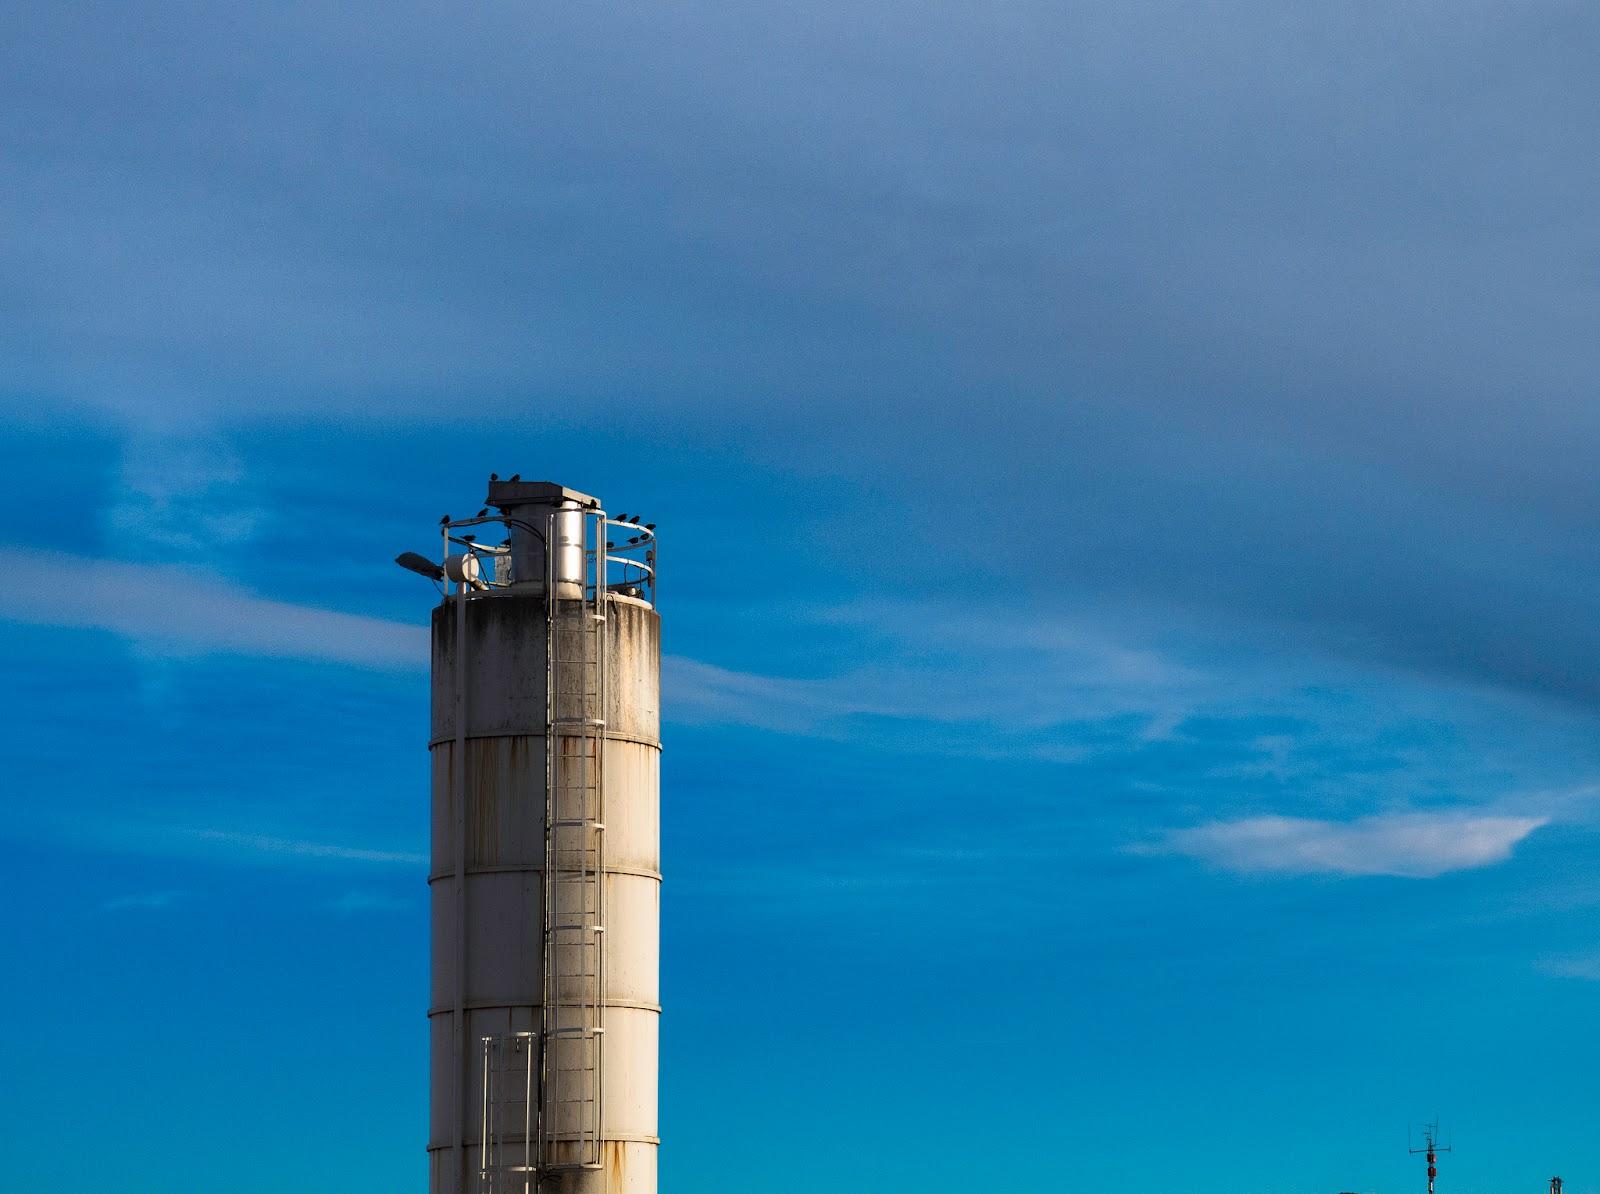 Torre en el cielo de Castilla y Leon, 2015